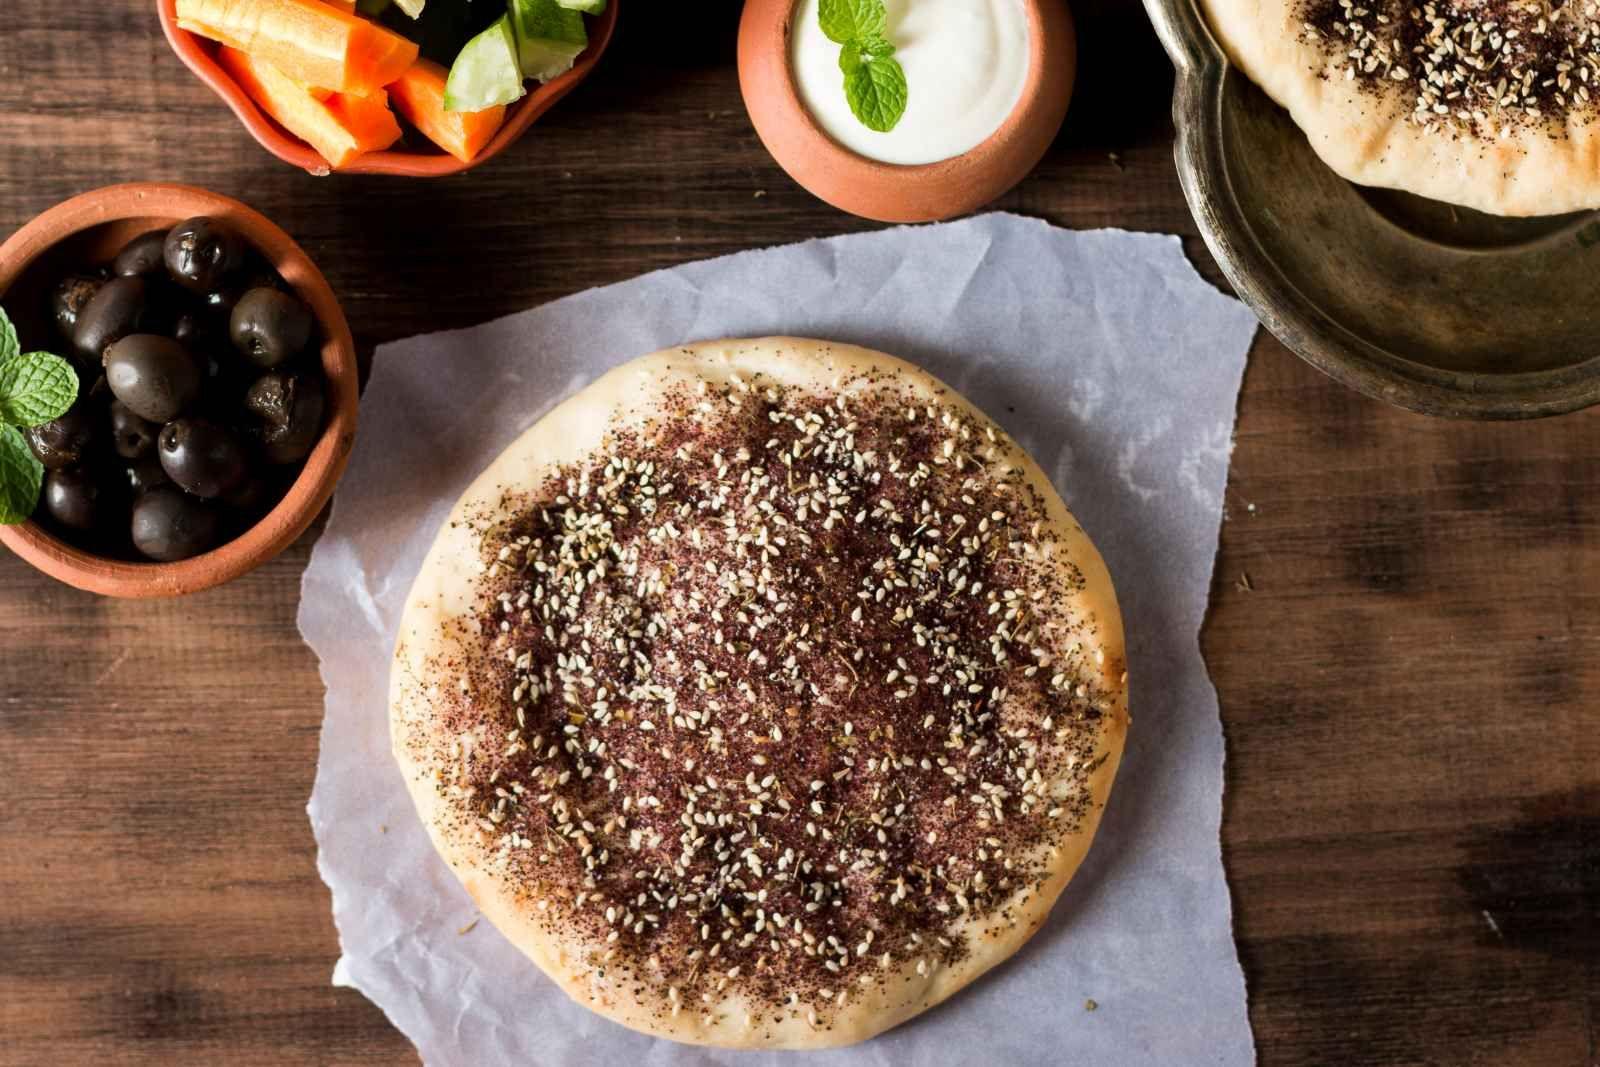 Manakish Zaatar Traditional Lebanese Spiced Pita Bread